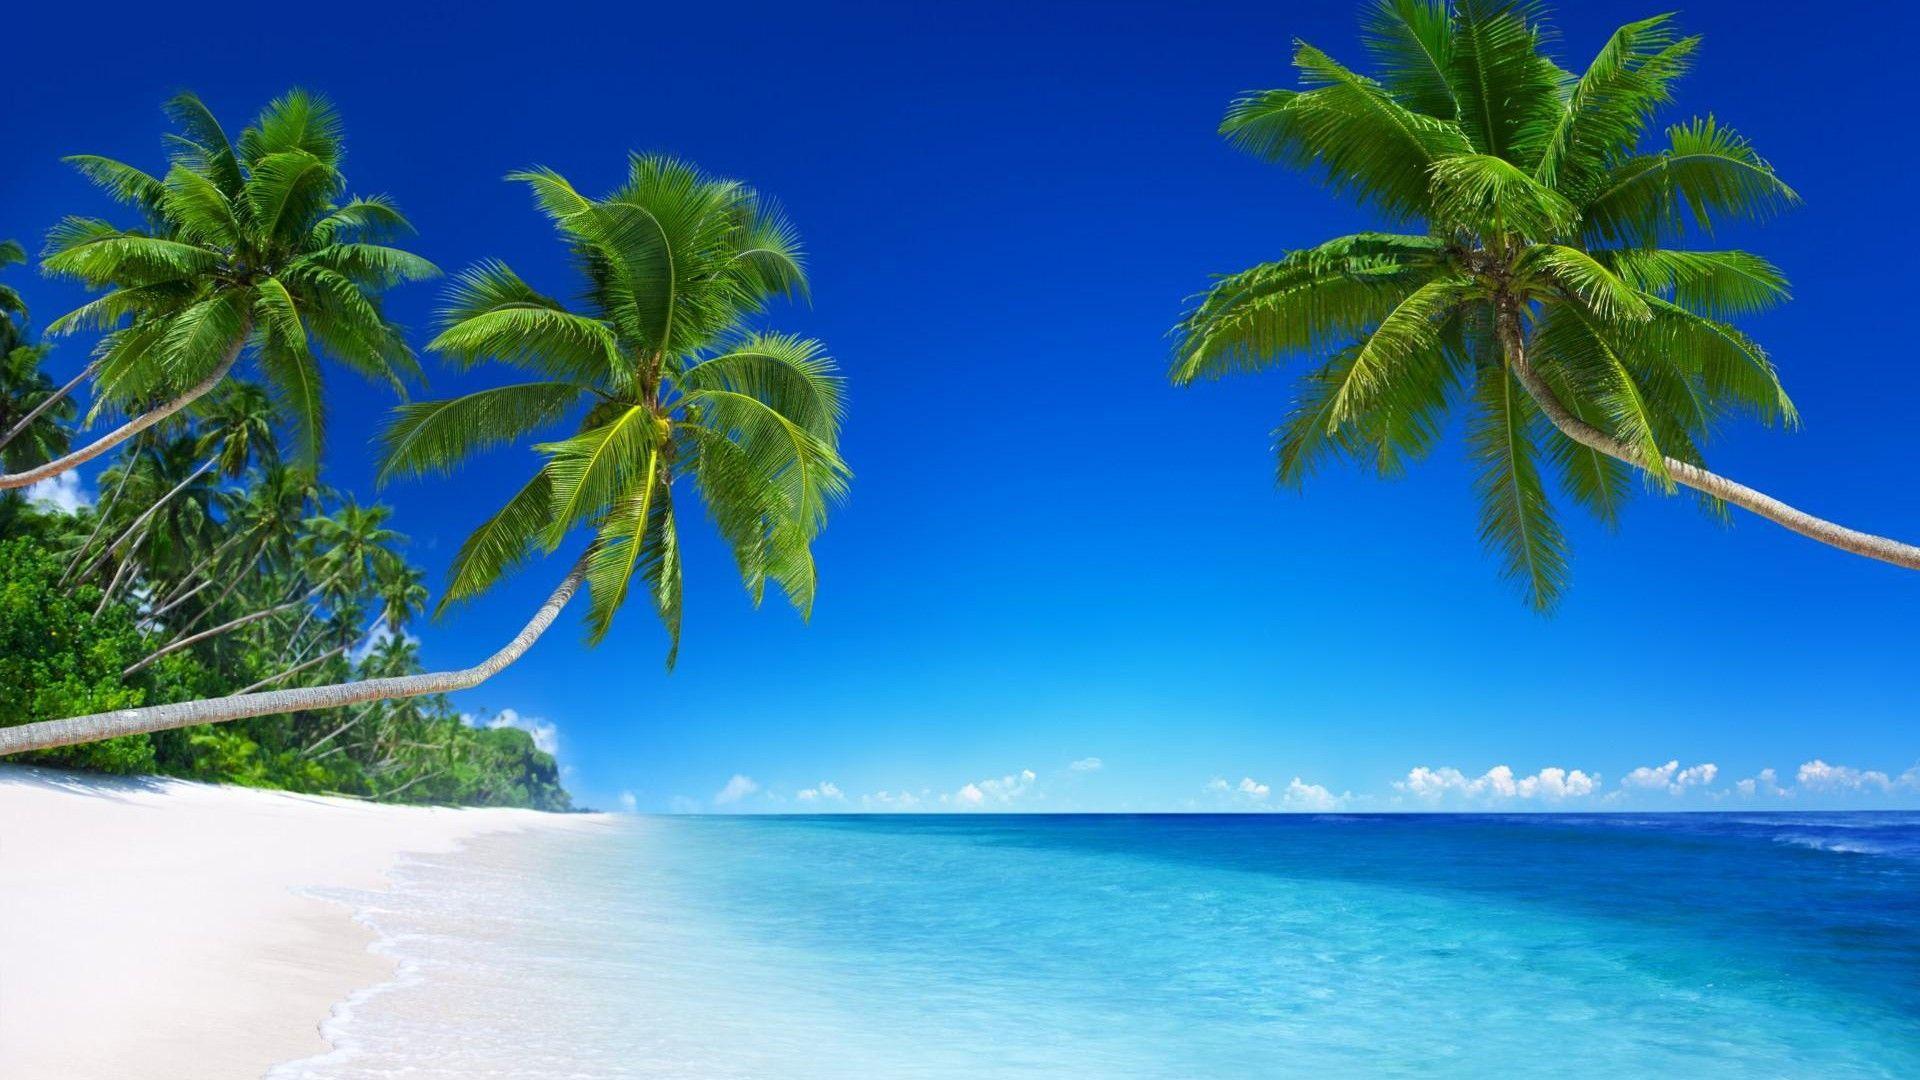 Wallpaper Pemandangan Pantai Hd Di 2020 Dengan Gambar Pantai